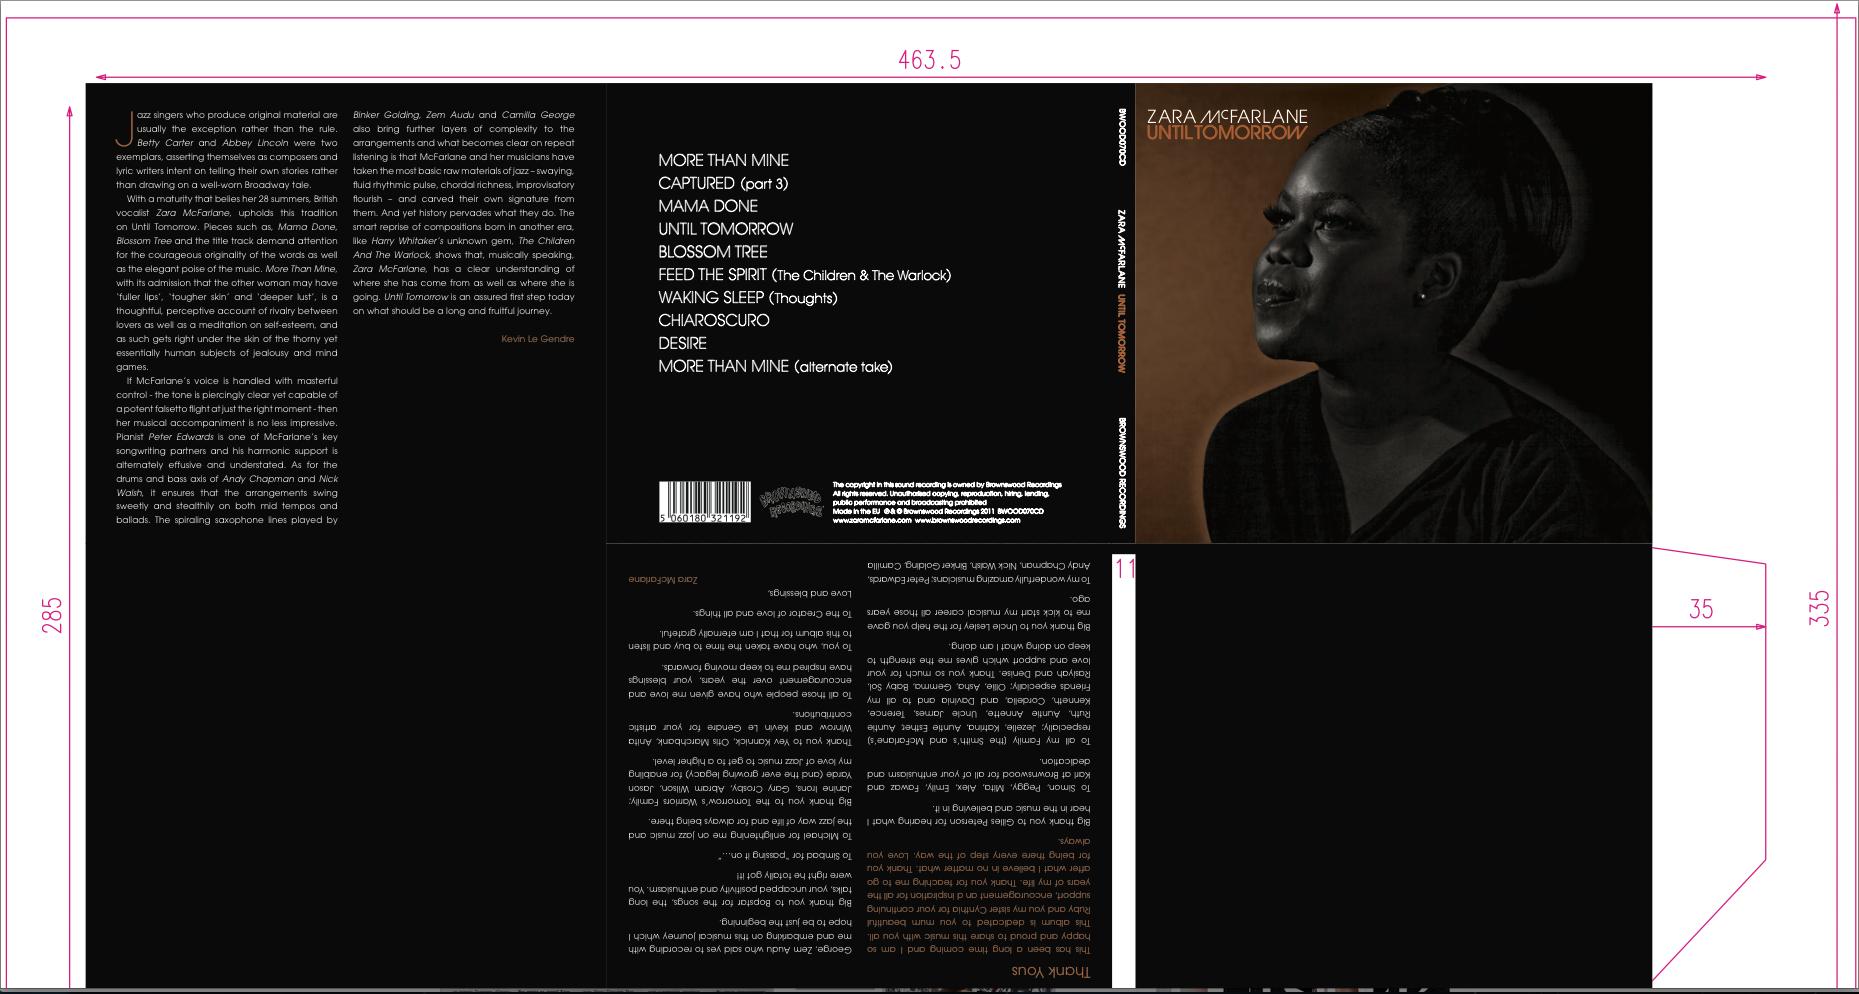 Screen Shot 2013-03-24 at 18.26.47.png